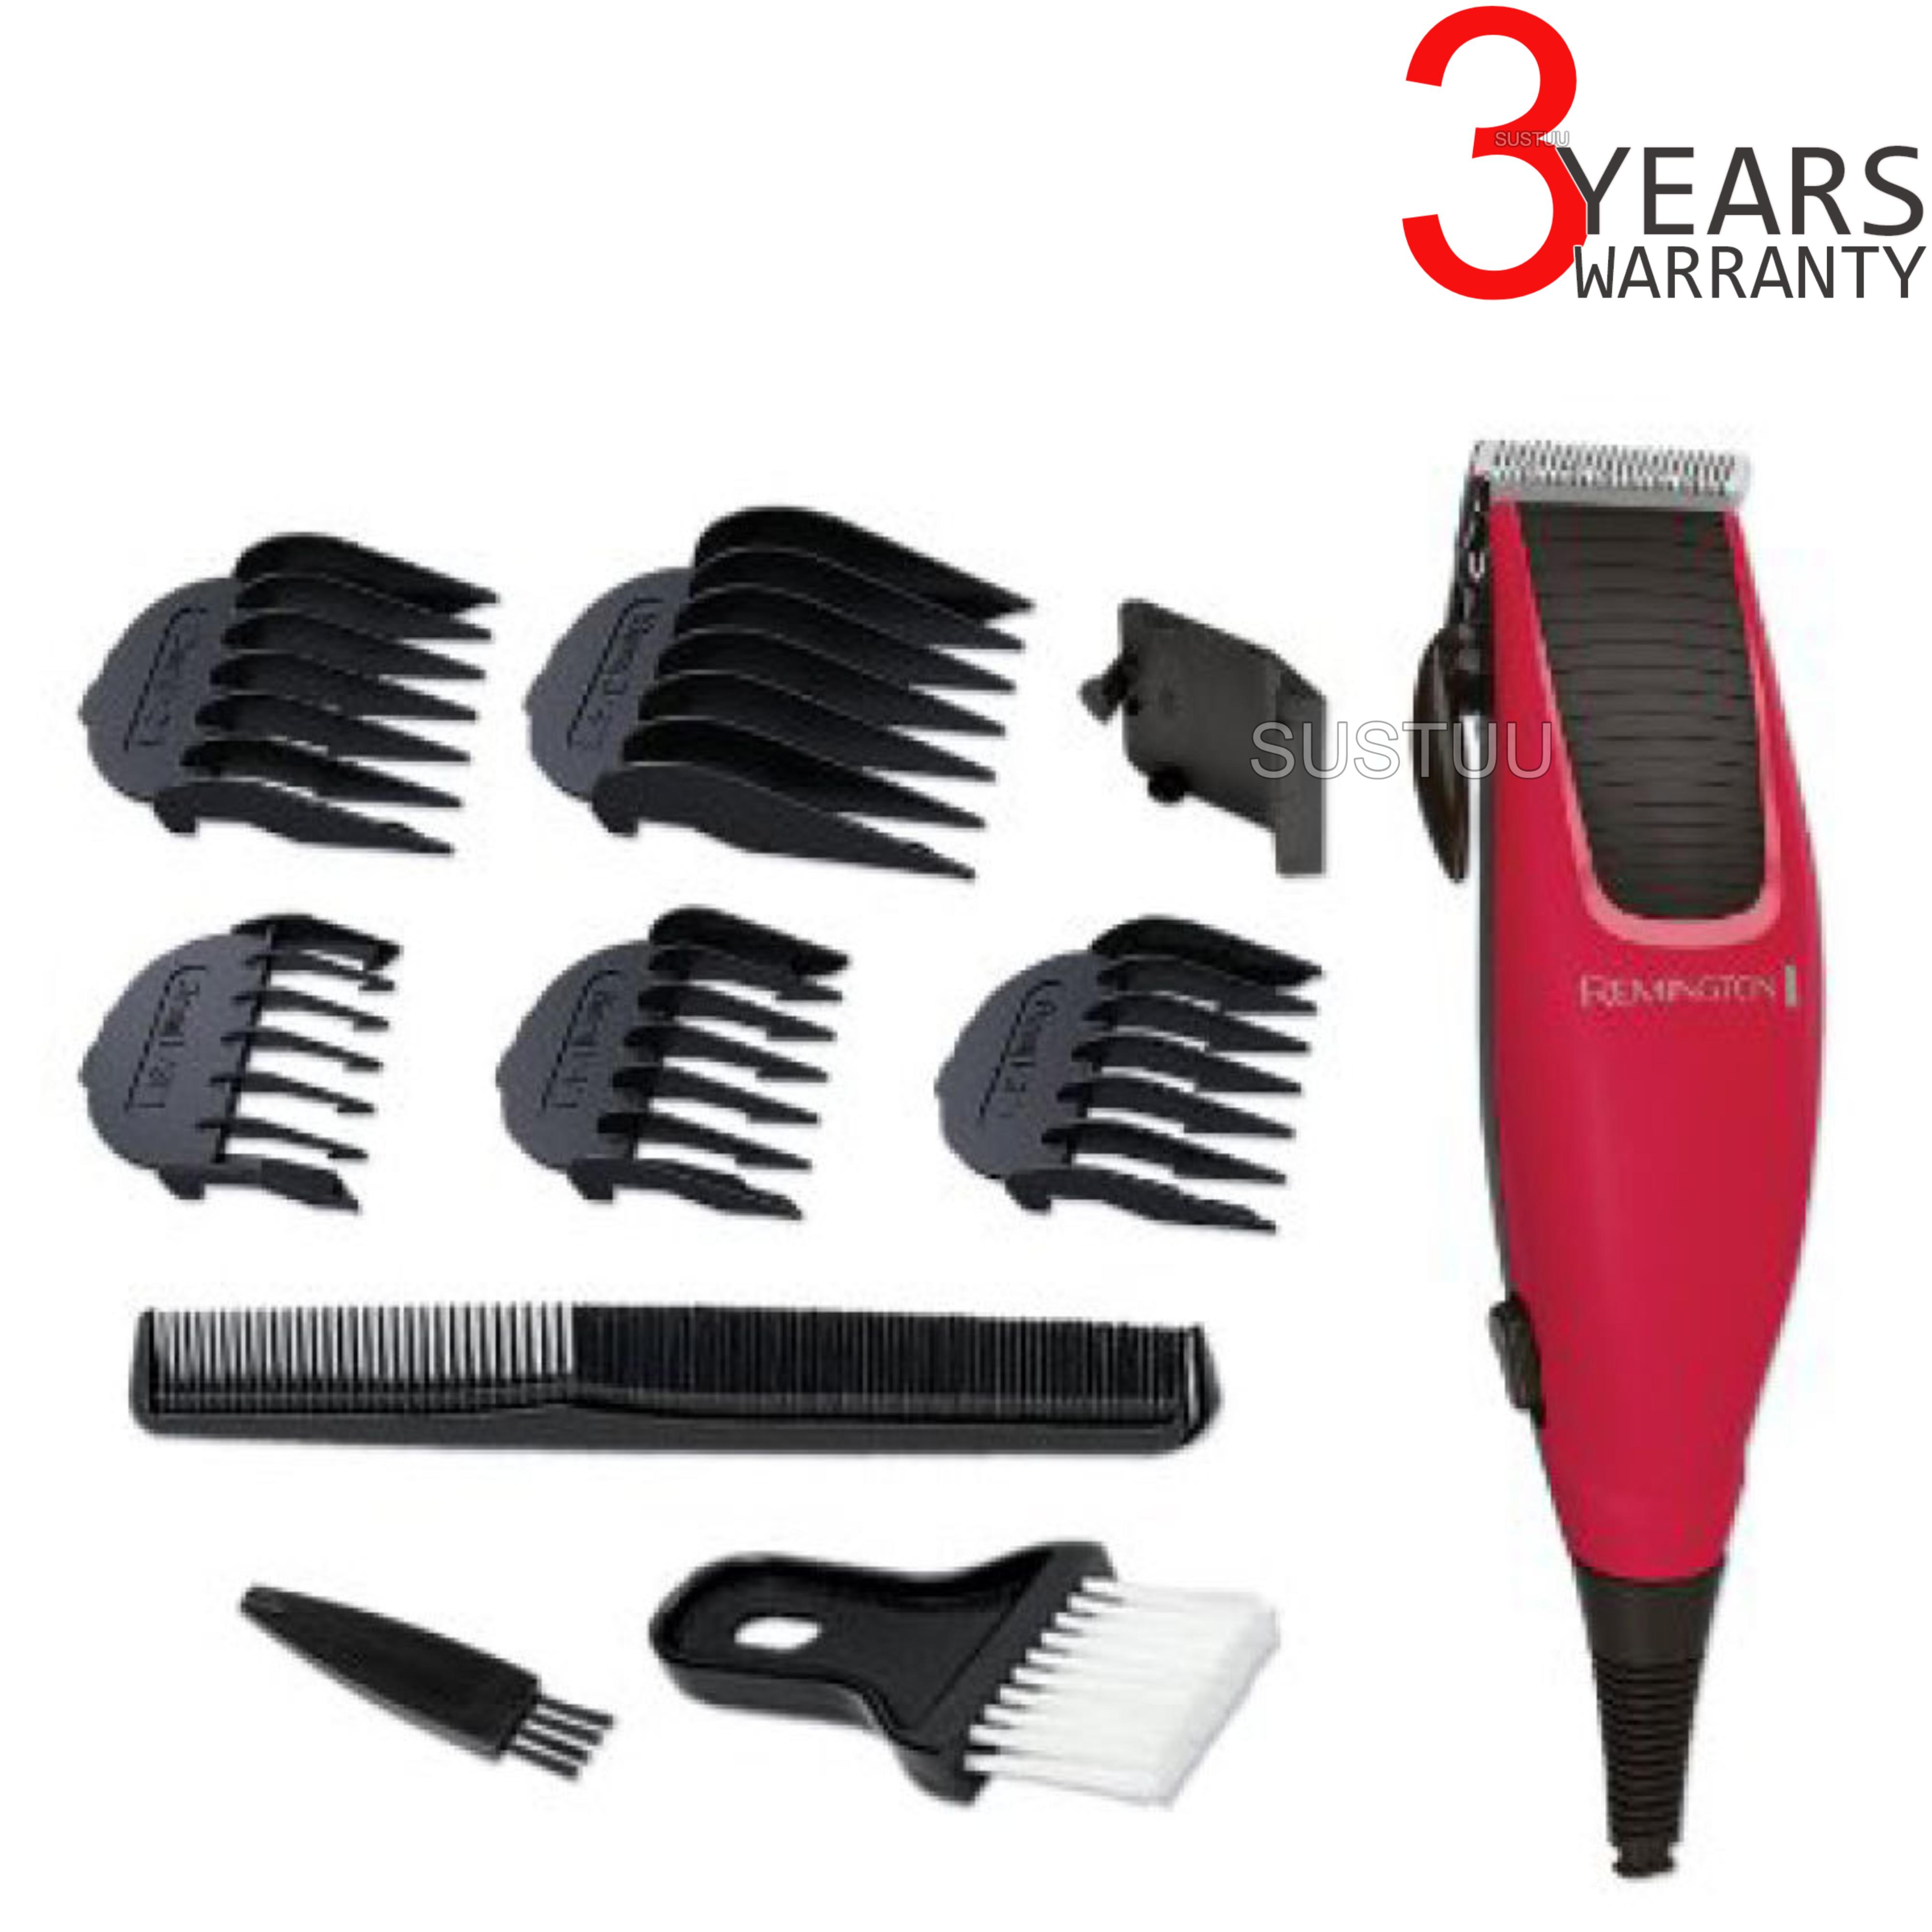 Remington HC5018 Apprentice Corded 10 piece Men's Electric Hair Clipper Shaver